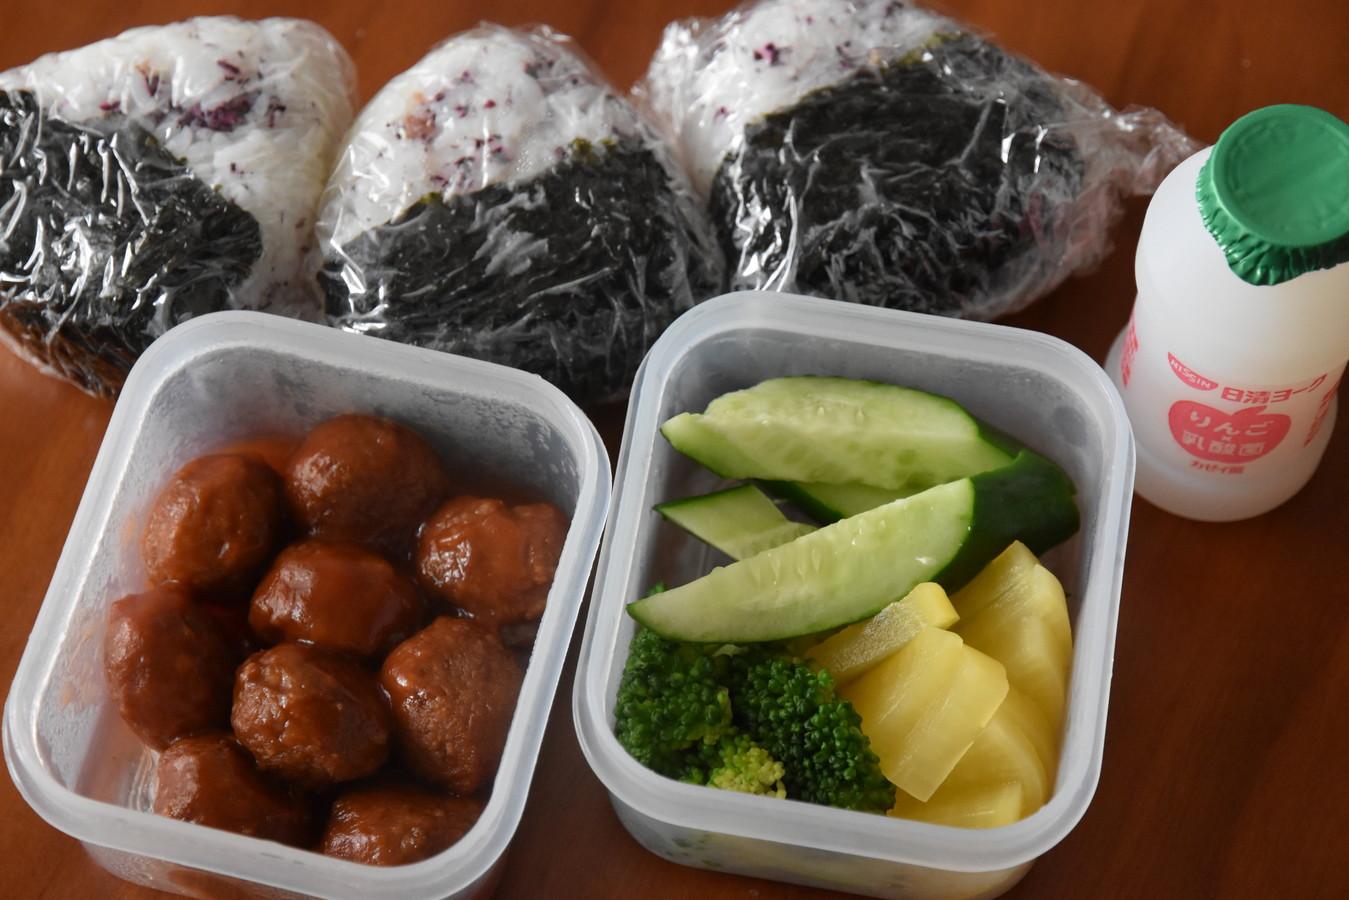 子育て支援センターのお昼ご飯事情。何を持って行ったらいいの?